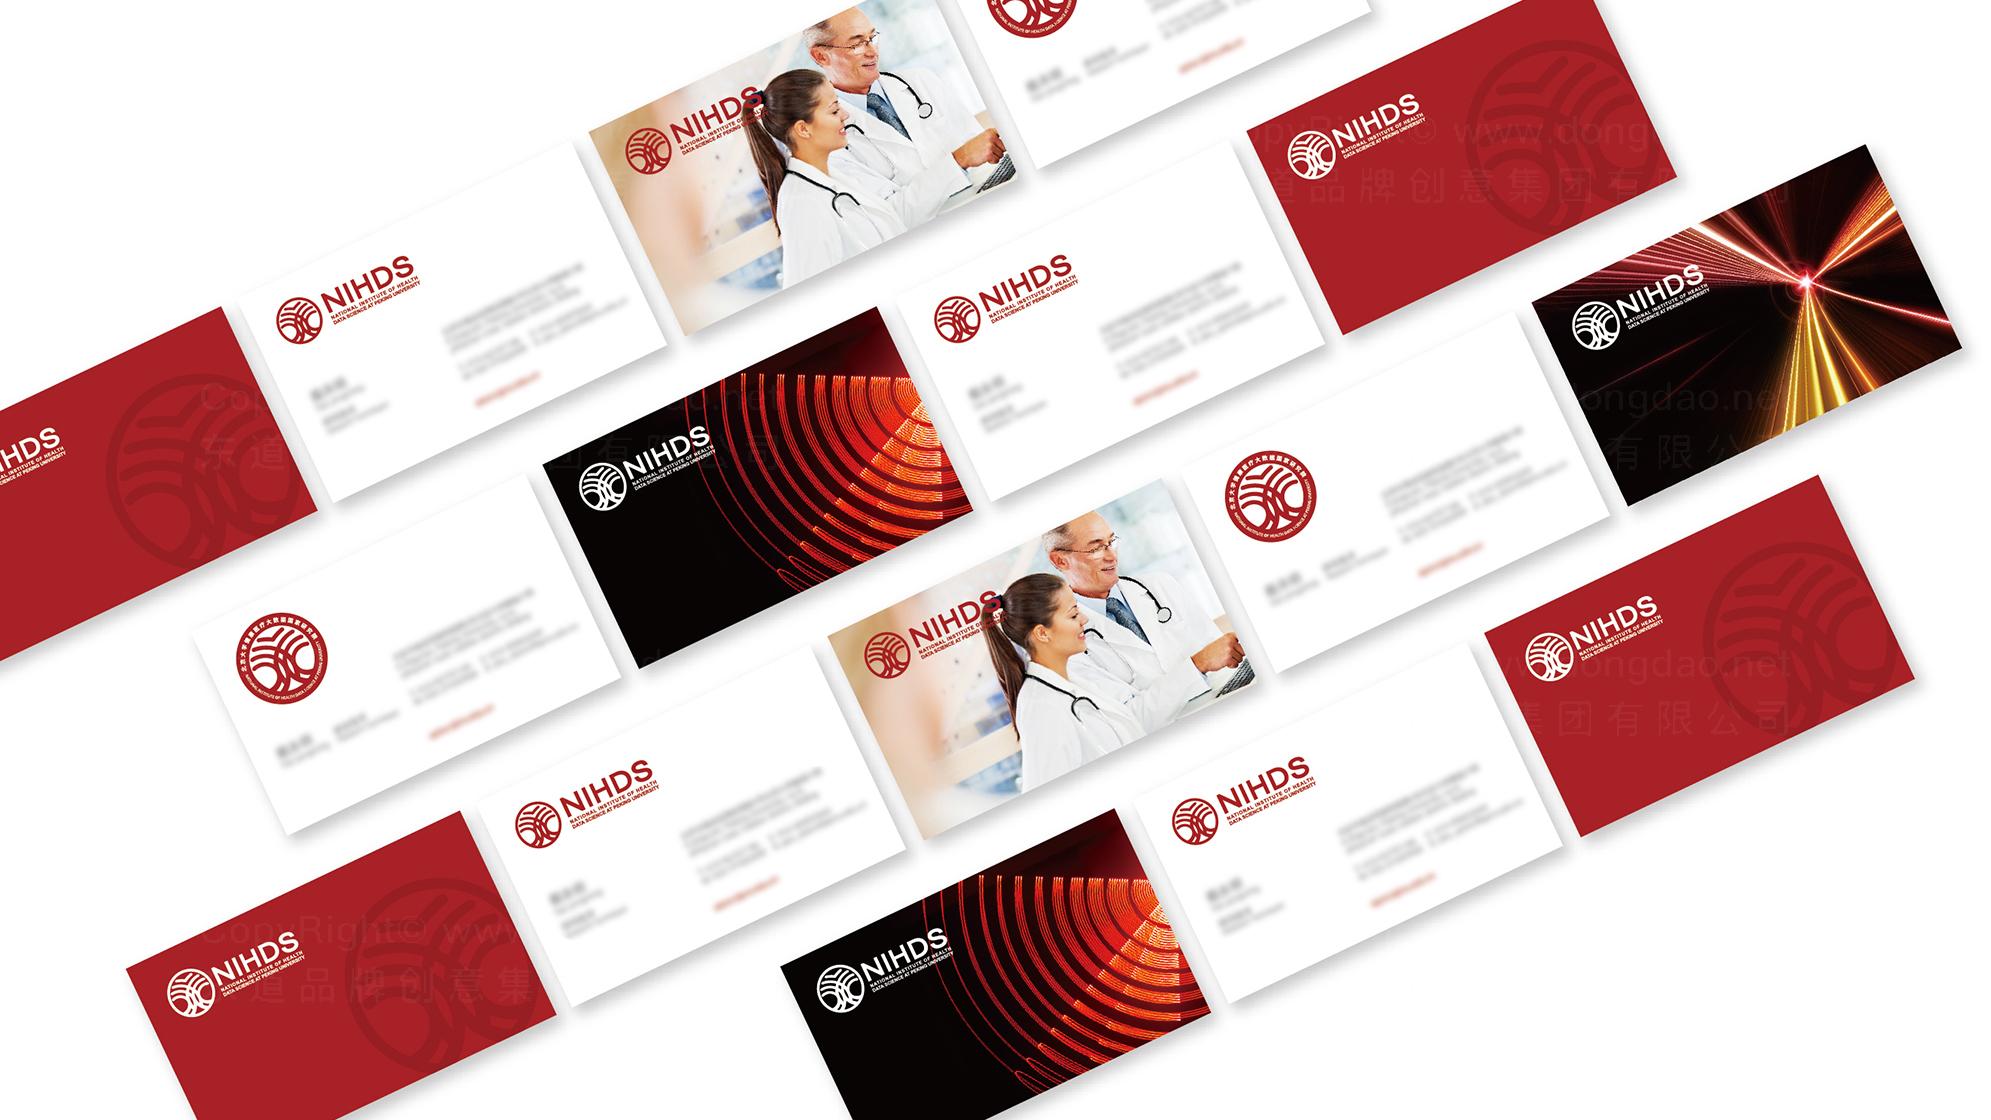 品牌设计北大医疗健康数据研究院logo设计、vi设计应用场景_2